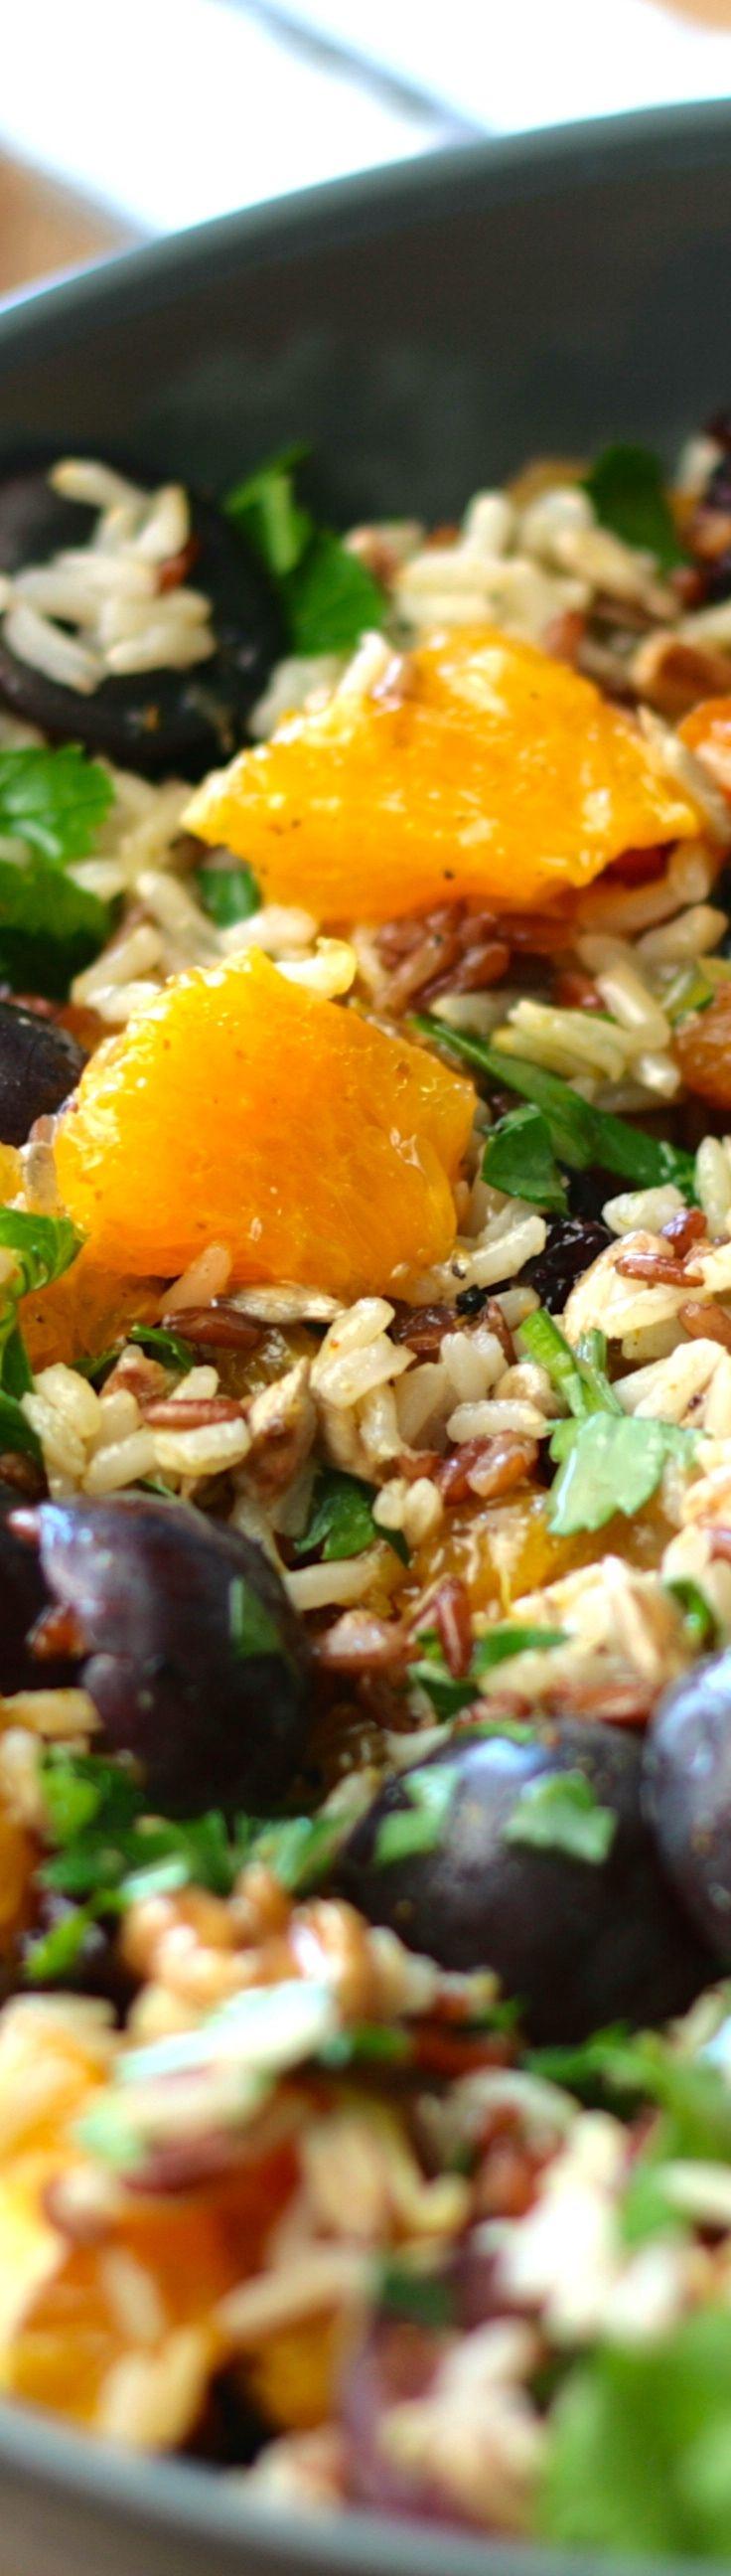 Fruchtiger Salat mit Vollkorn Jasmin Reis - kombiniert mit Trauben, Nüssen und Orange